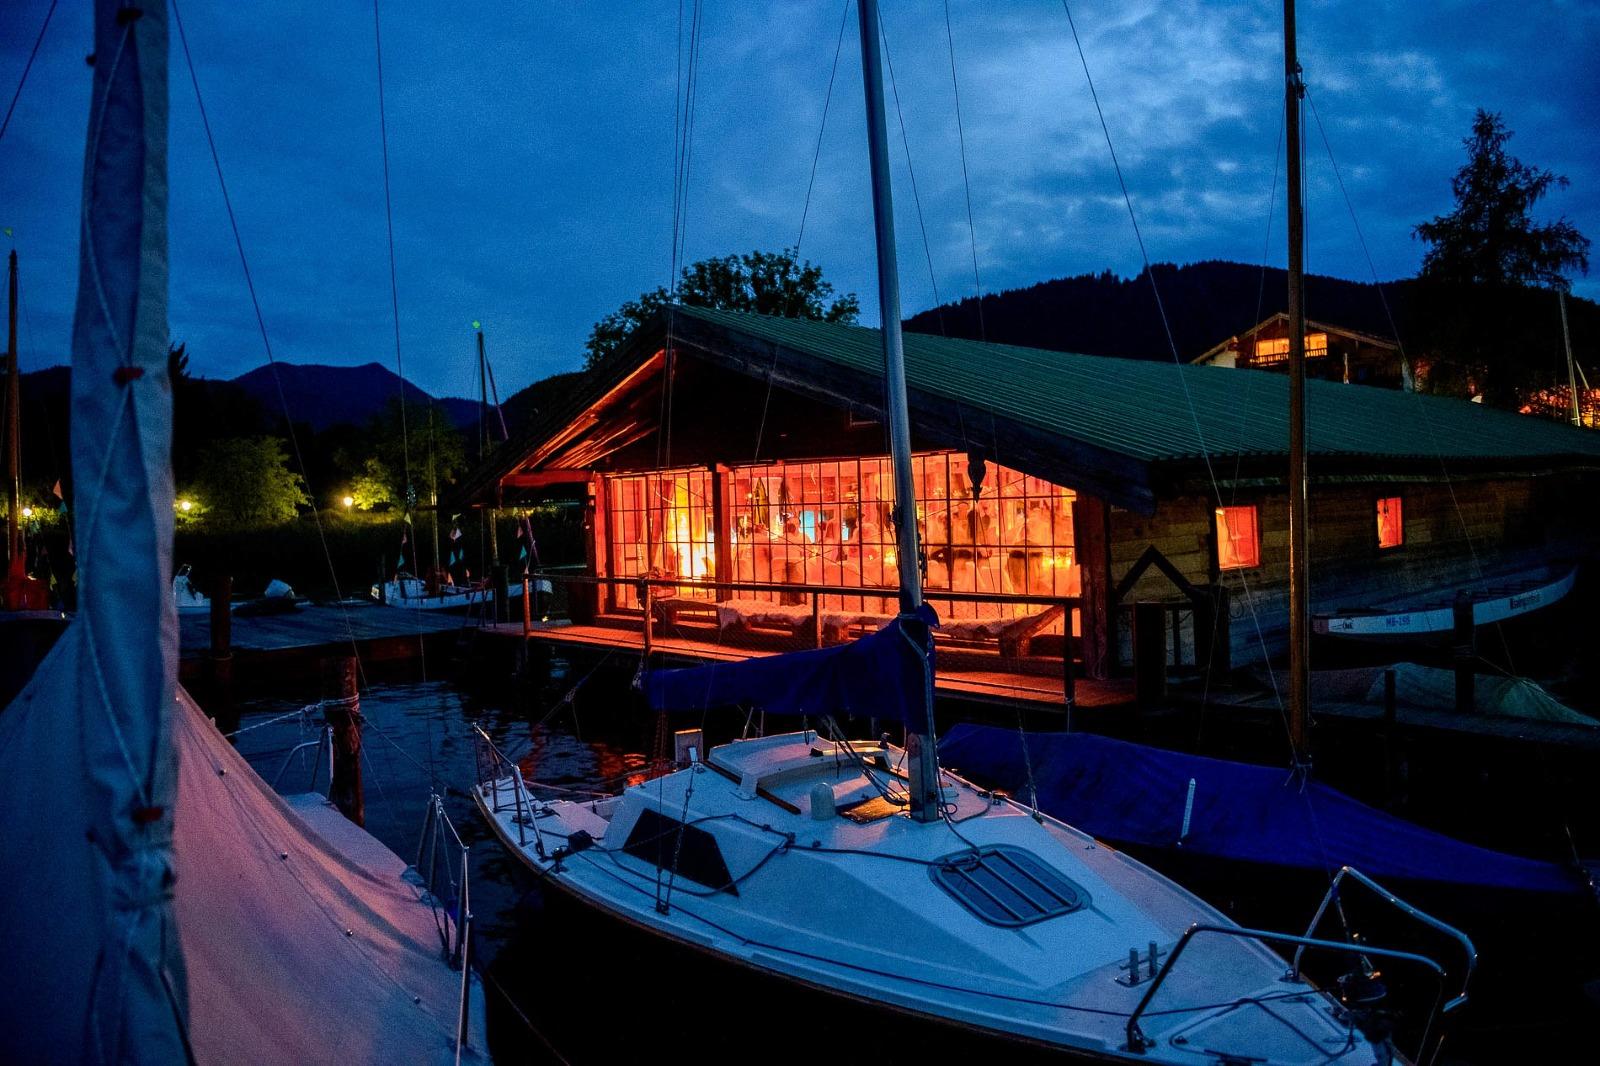 Hochzeits-Fotograf Tegernsee, Hochzeits-Location Bootshaus vom Terrassenhof